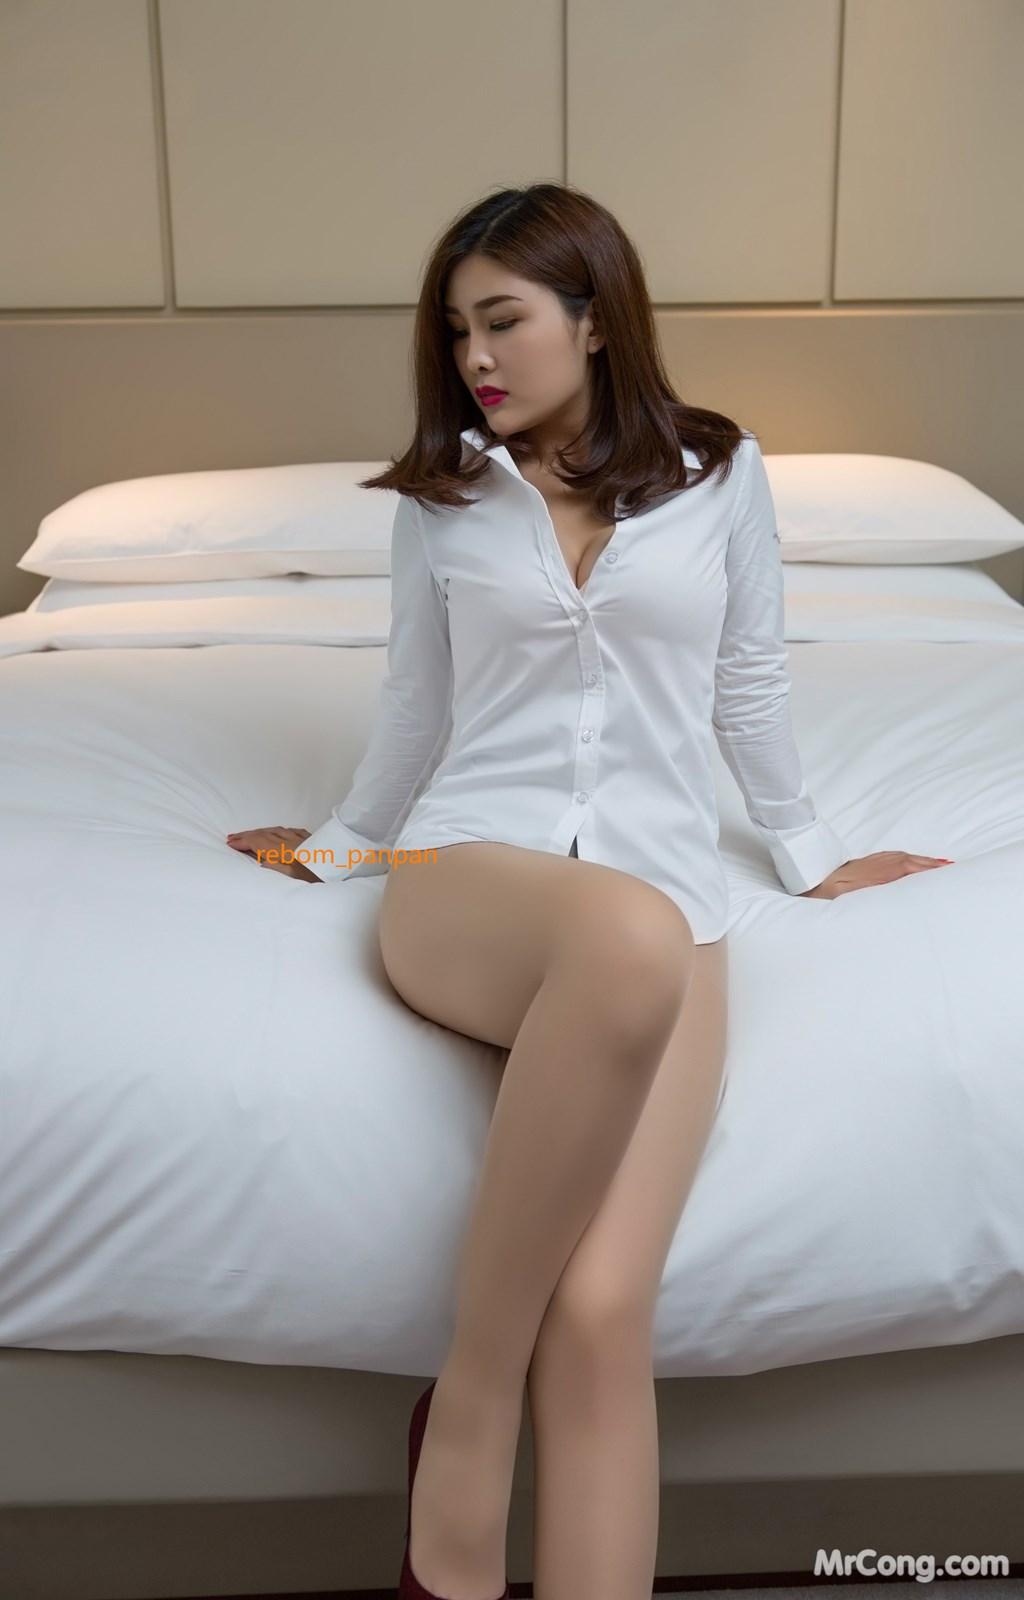 Image Yan-Pan-Pan-Part-4-MrCong.com-001 in post Người đẹp Yan Pan Pan (闫盼盼) hờ hững khoe vòng một trên giường ngủ (40 ảnh)